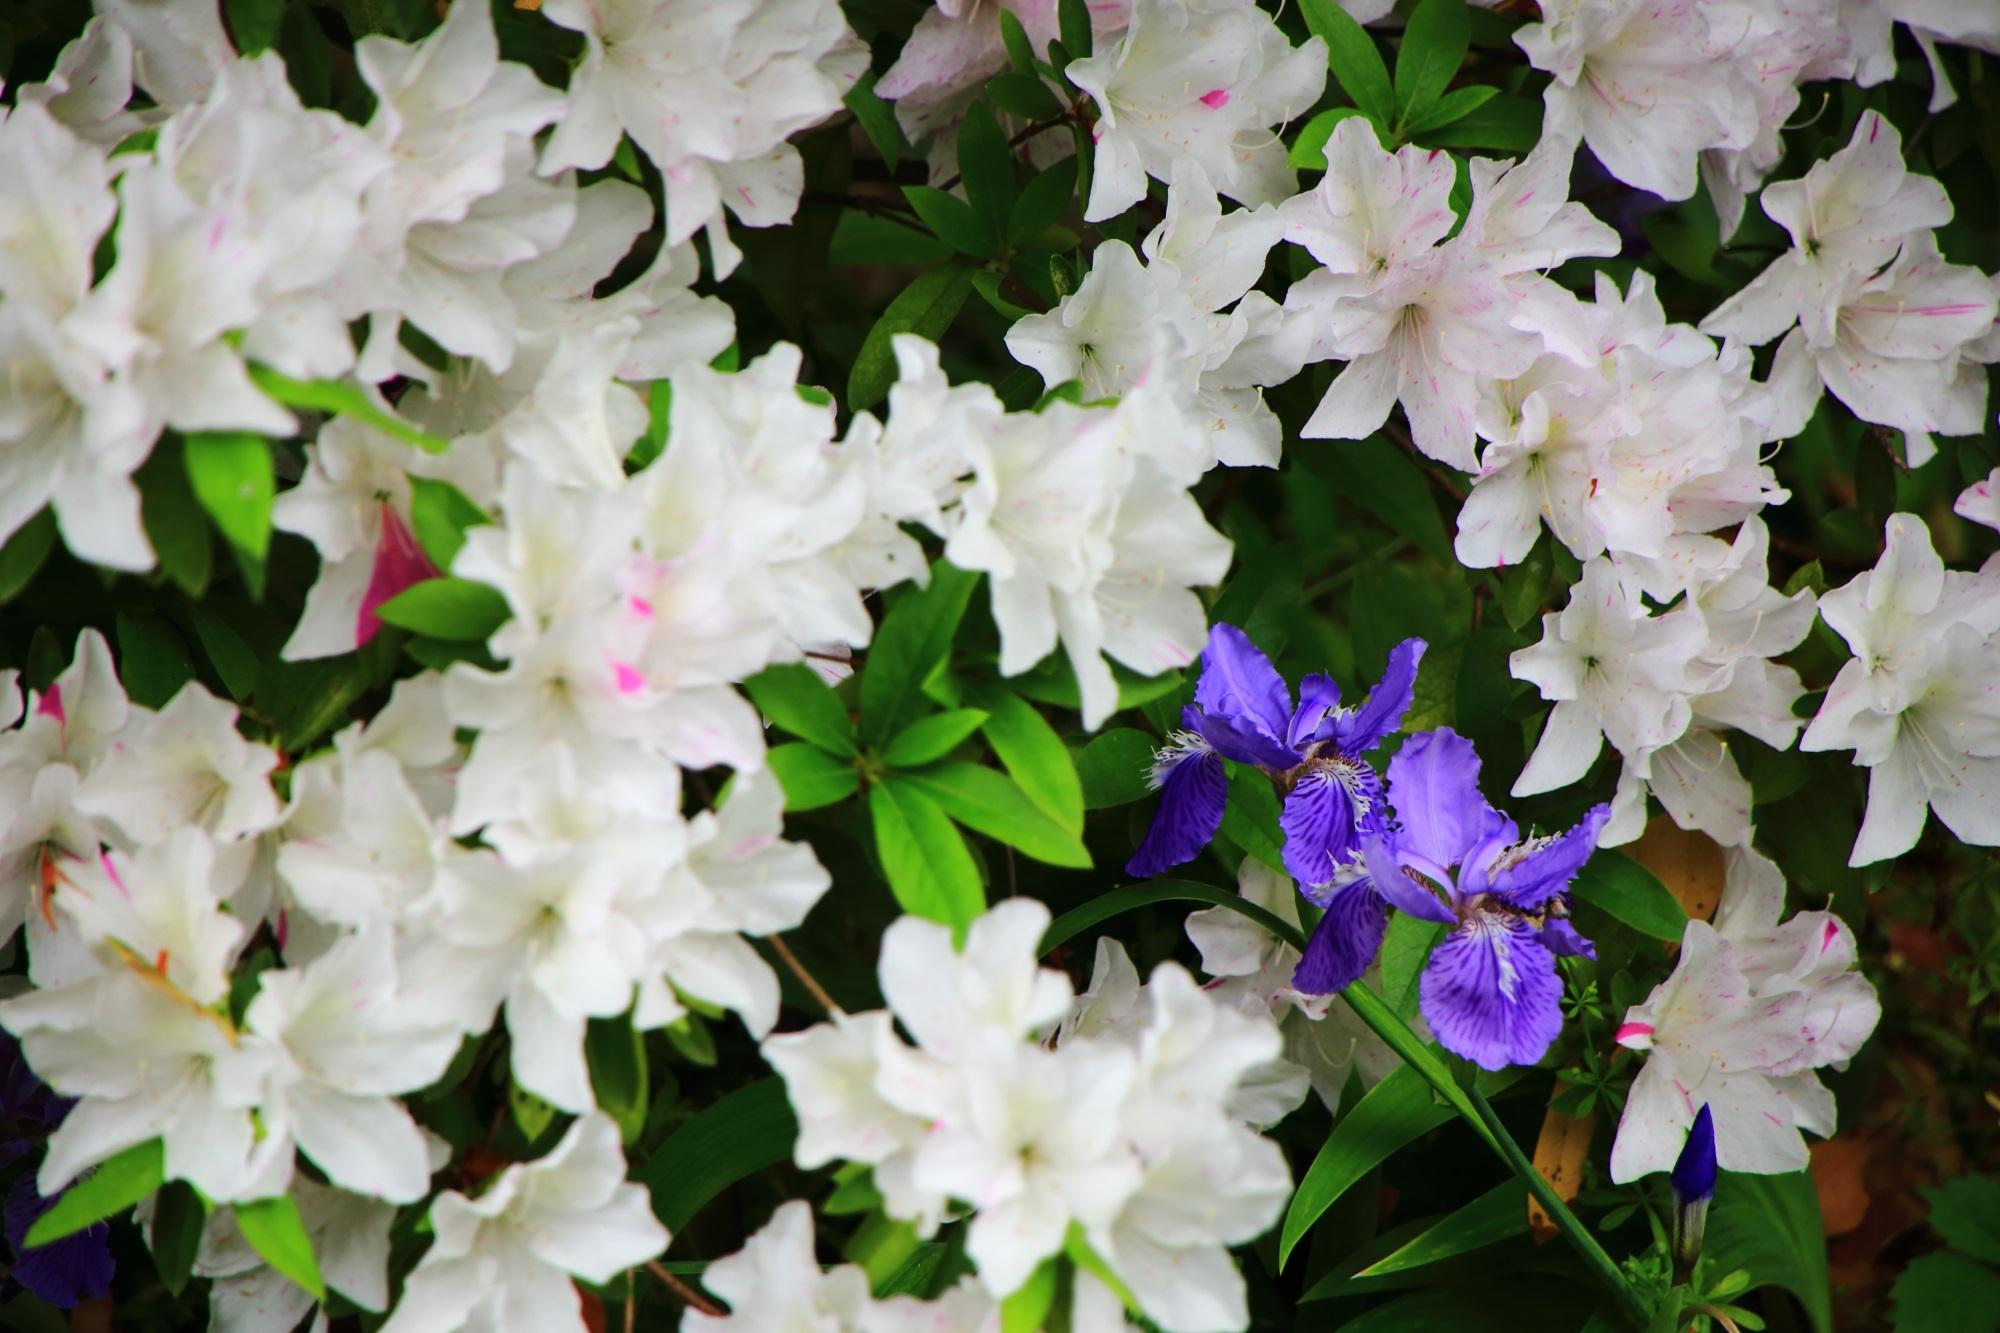 上御霊神社の白いツツジの花の中に咲く紫のイチハツの花